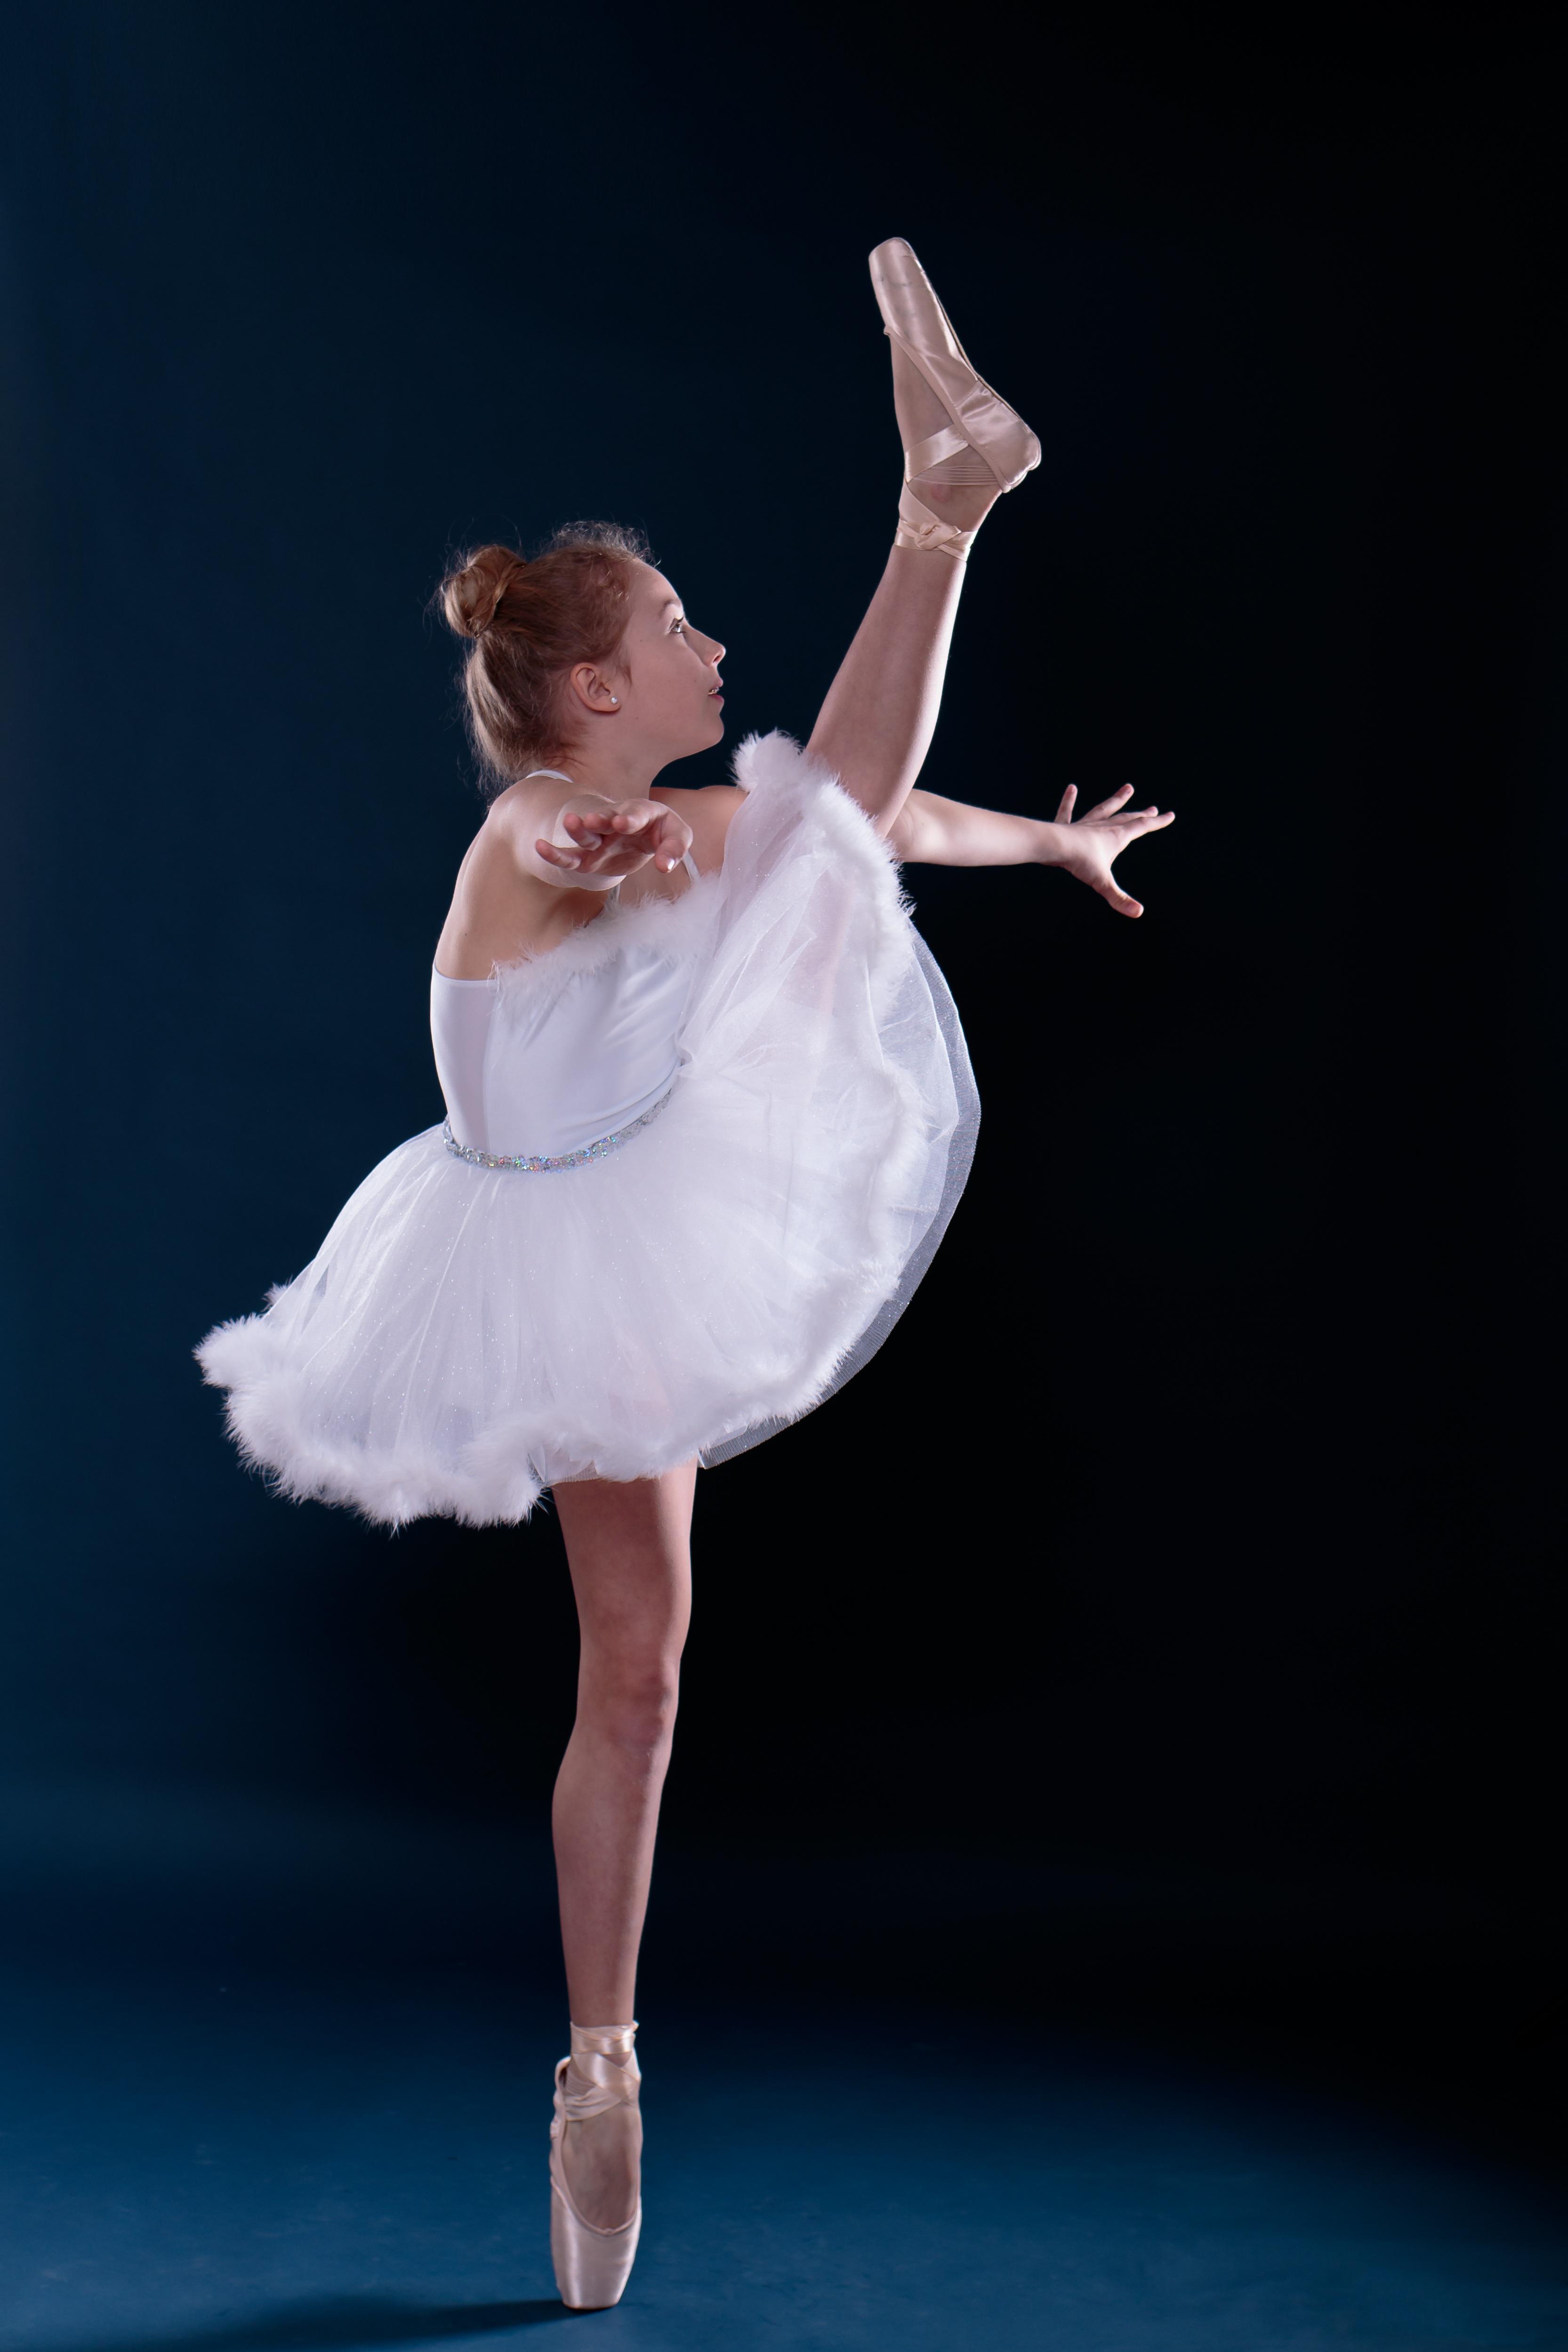 Bé gái 12 tuổi cần được khuyến khích theo đuổi đam mê